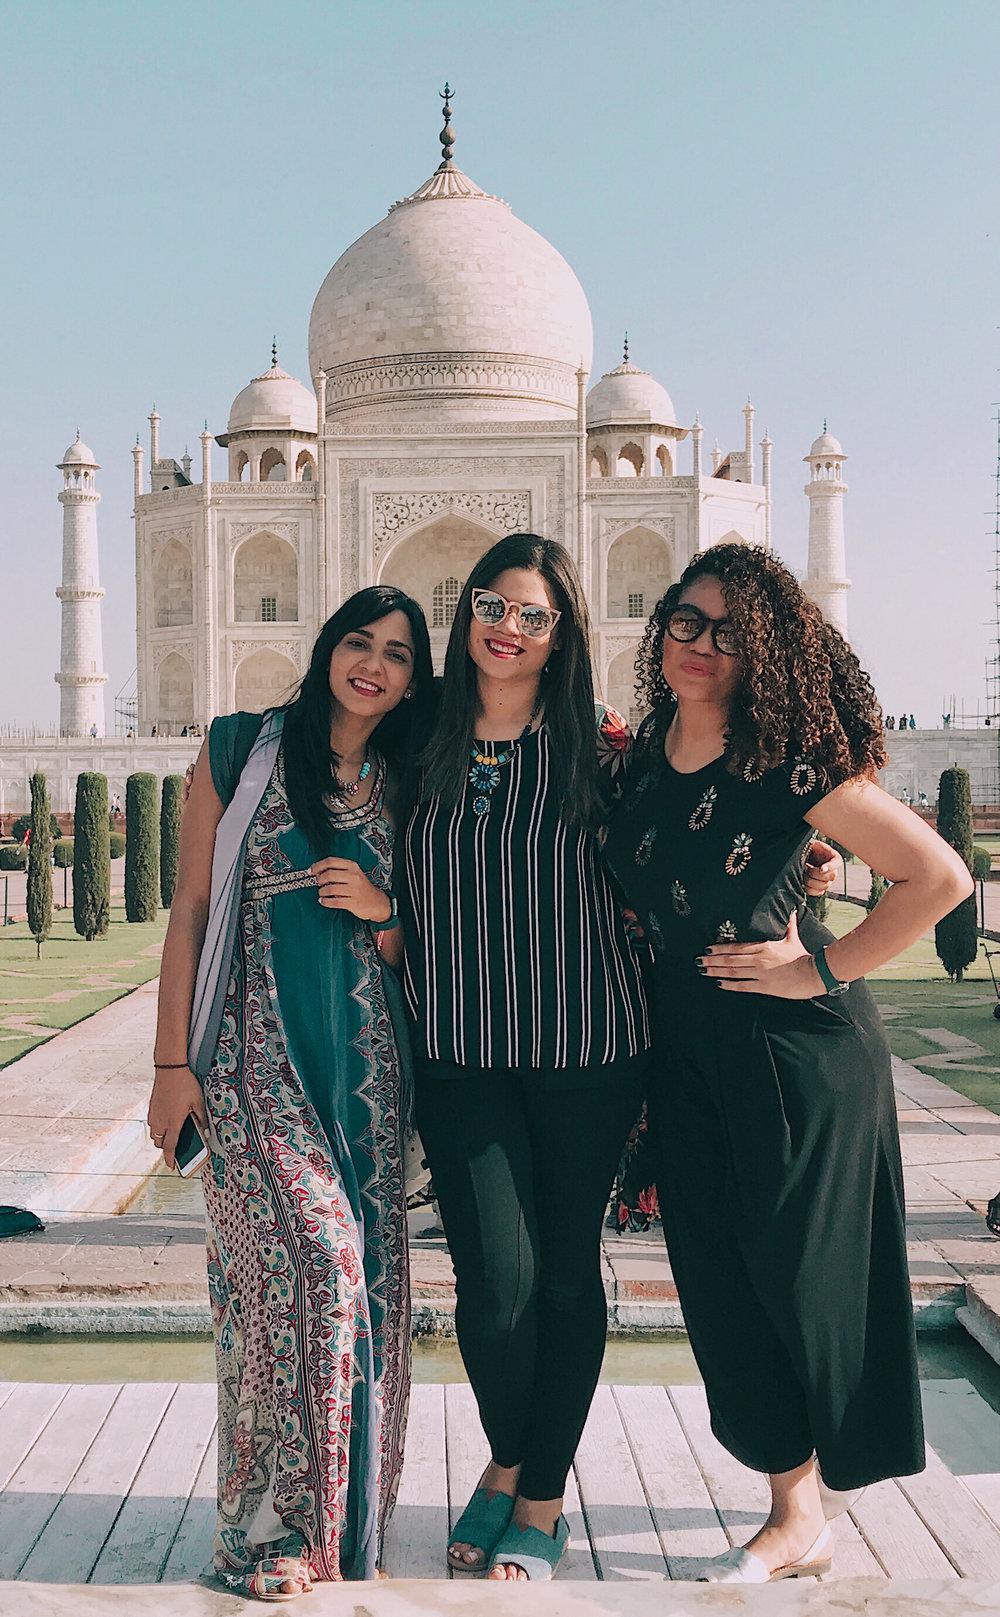 ¿Interesado en viajar a la India? Aquí la guía completa que necesitas saber: vuelos, vestimienta, lugares turísticos, costo, transporte y mucho más.viaje-india-travel-guide